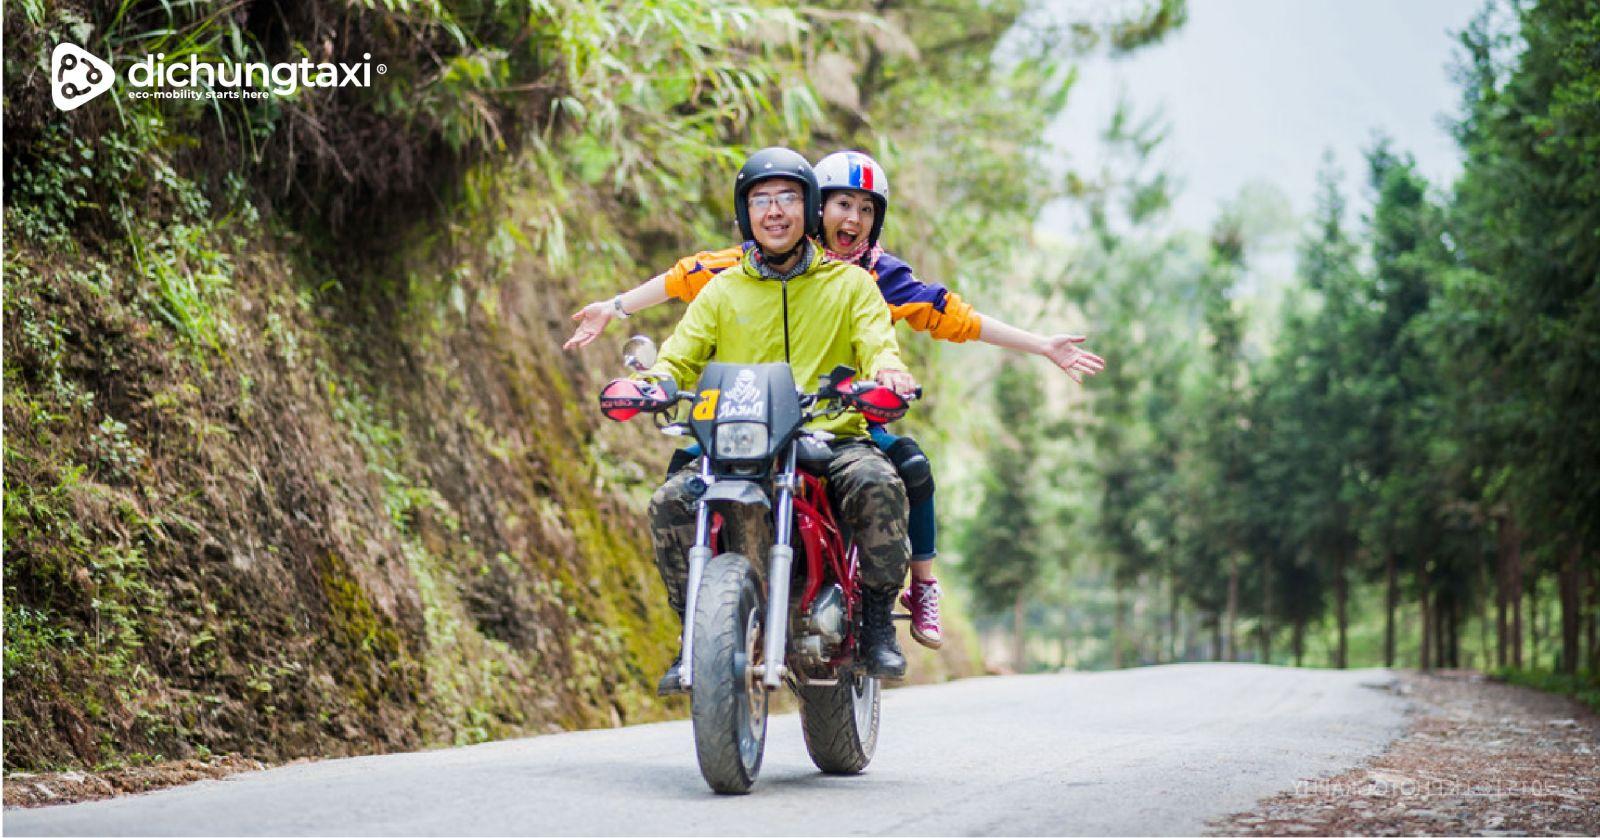 Đi từ Huế đến Đà Nẵng